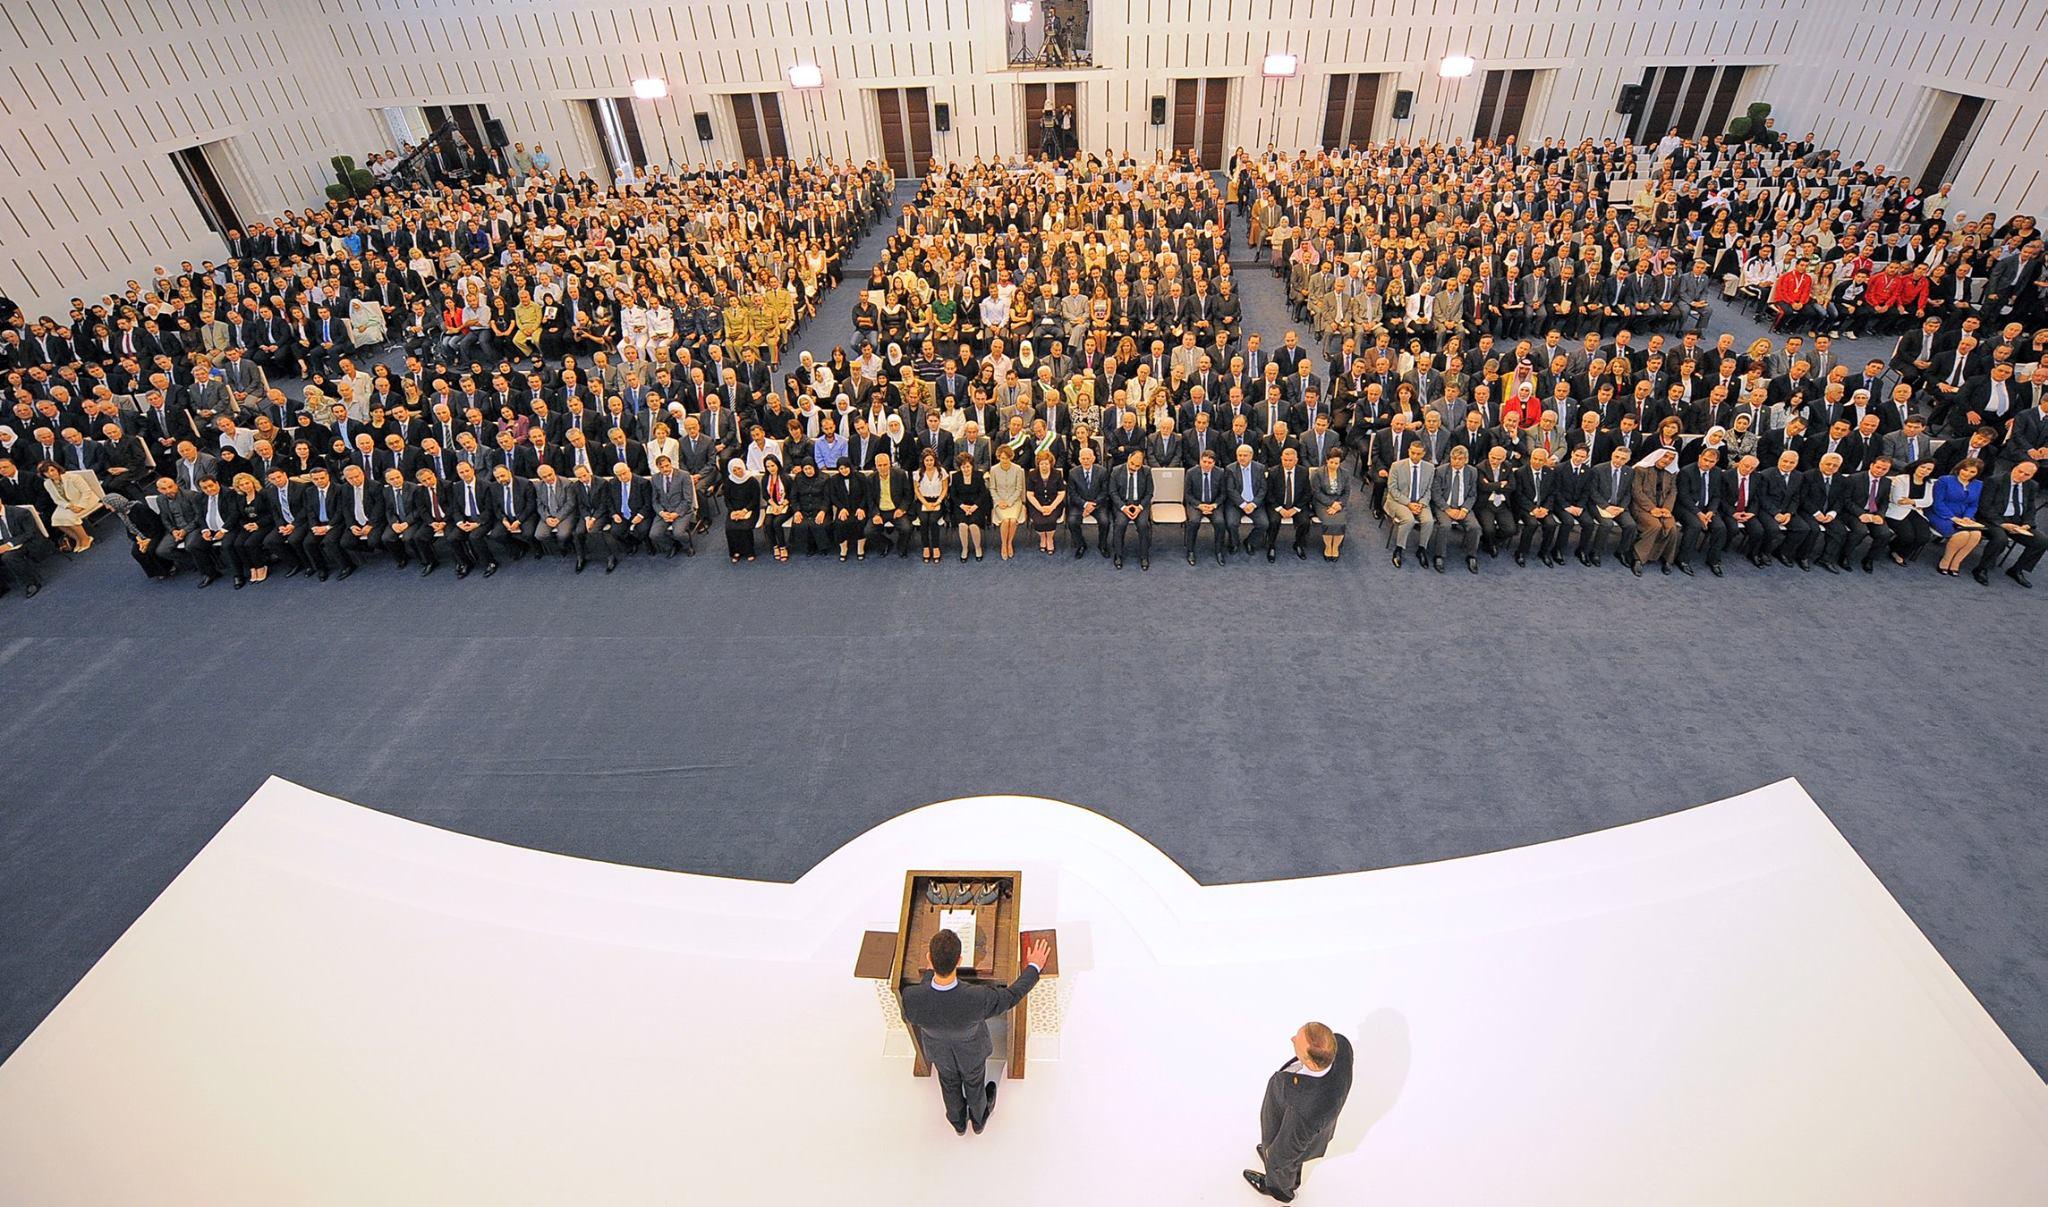 """رئيس النظام السوري، بشار الأسد، لحظة تأدية """"اليمين الدستورية"""" في قصر الشعب - 16 من تموز 2014 (رئاسة الجمهورية)"""